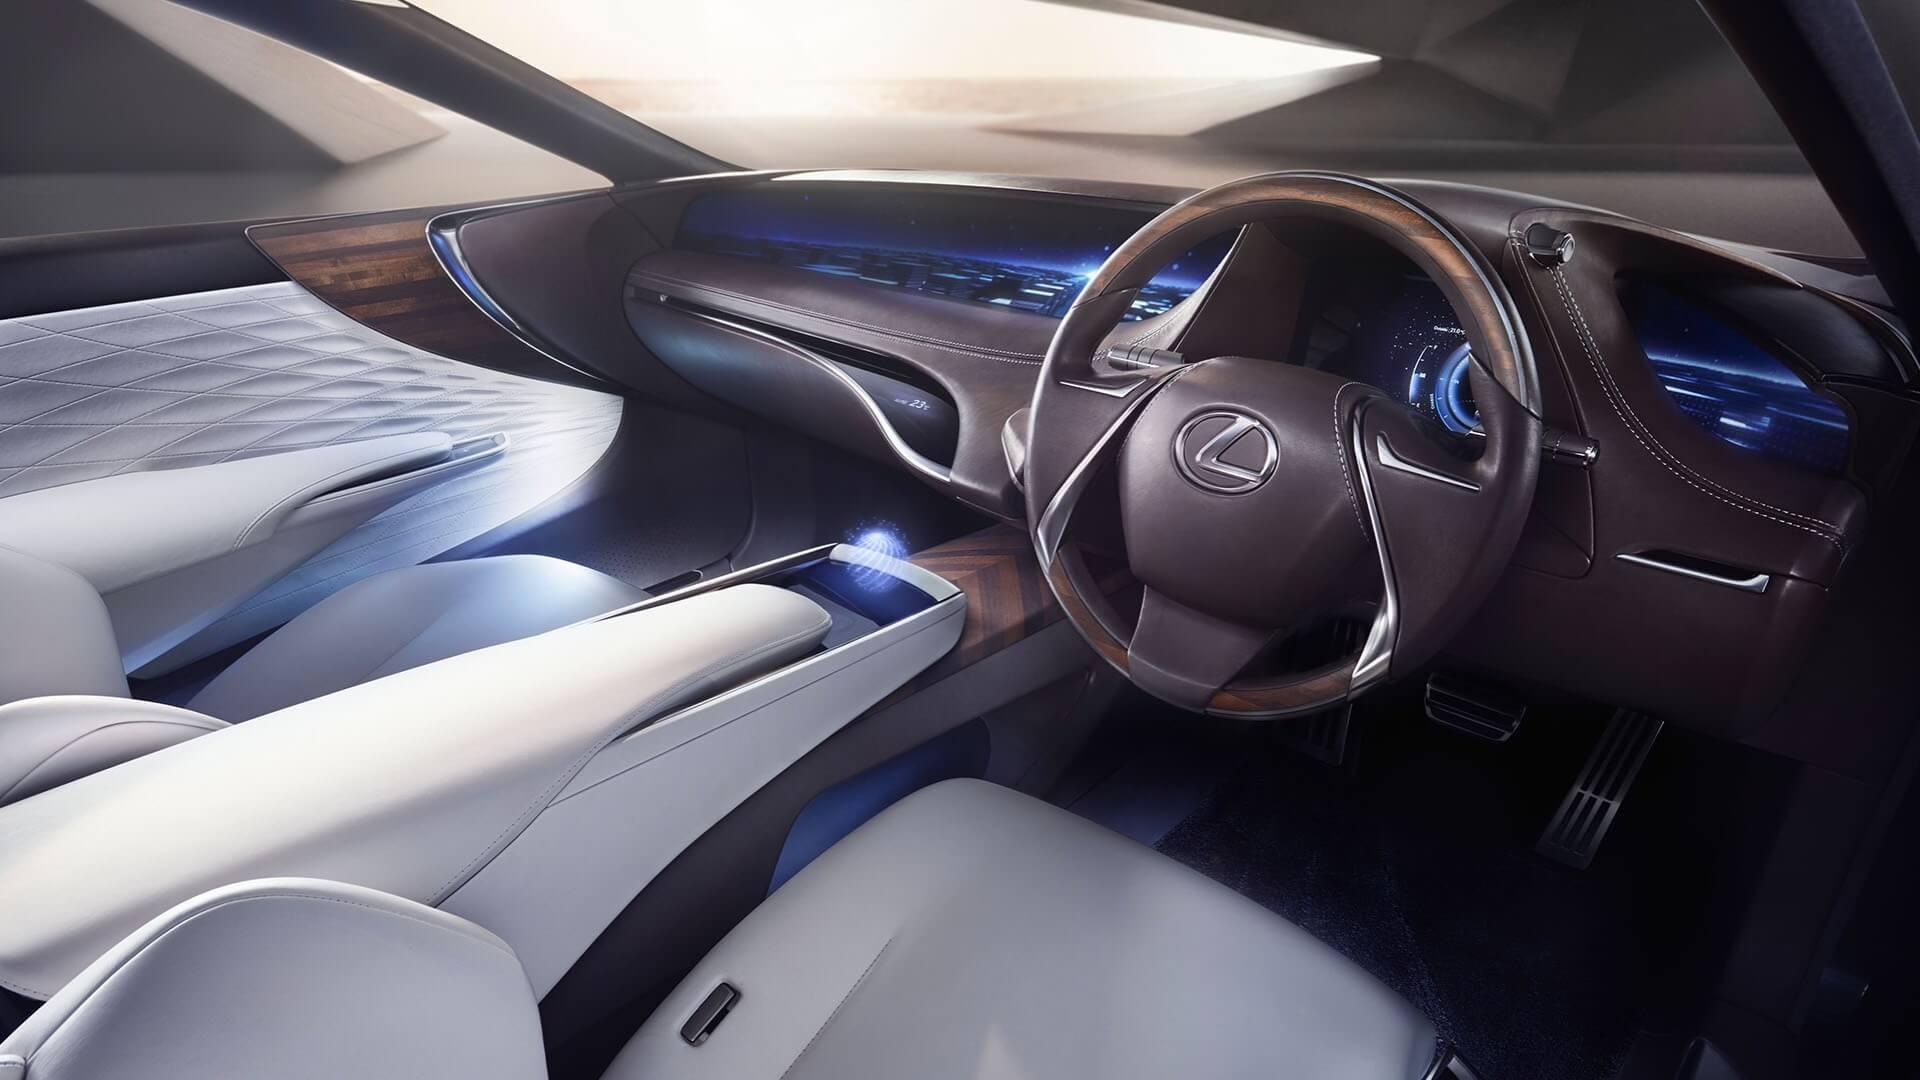 Interiøret til en Lexus LS med skinnseter og luksuriøse materialer